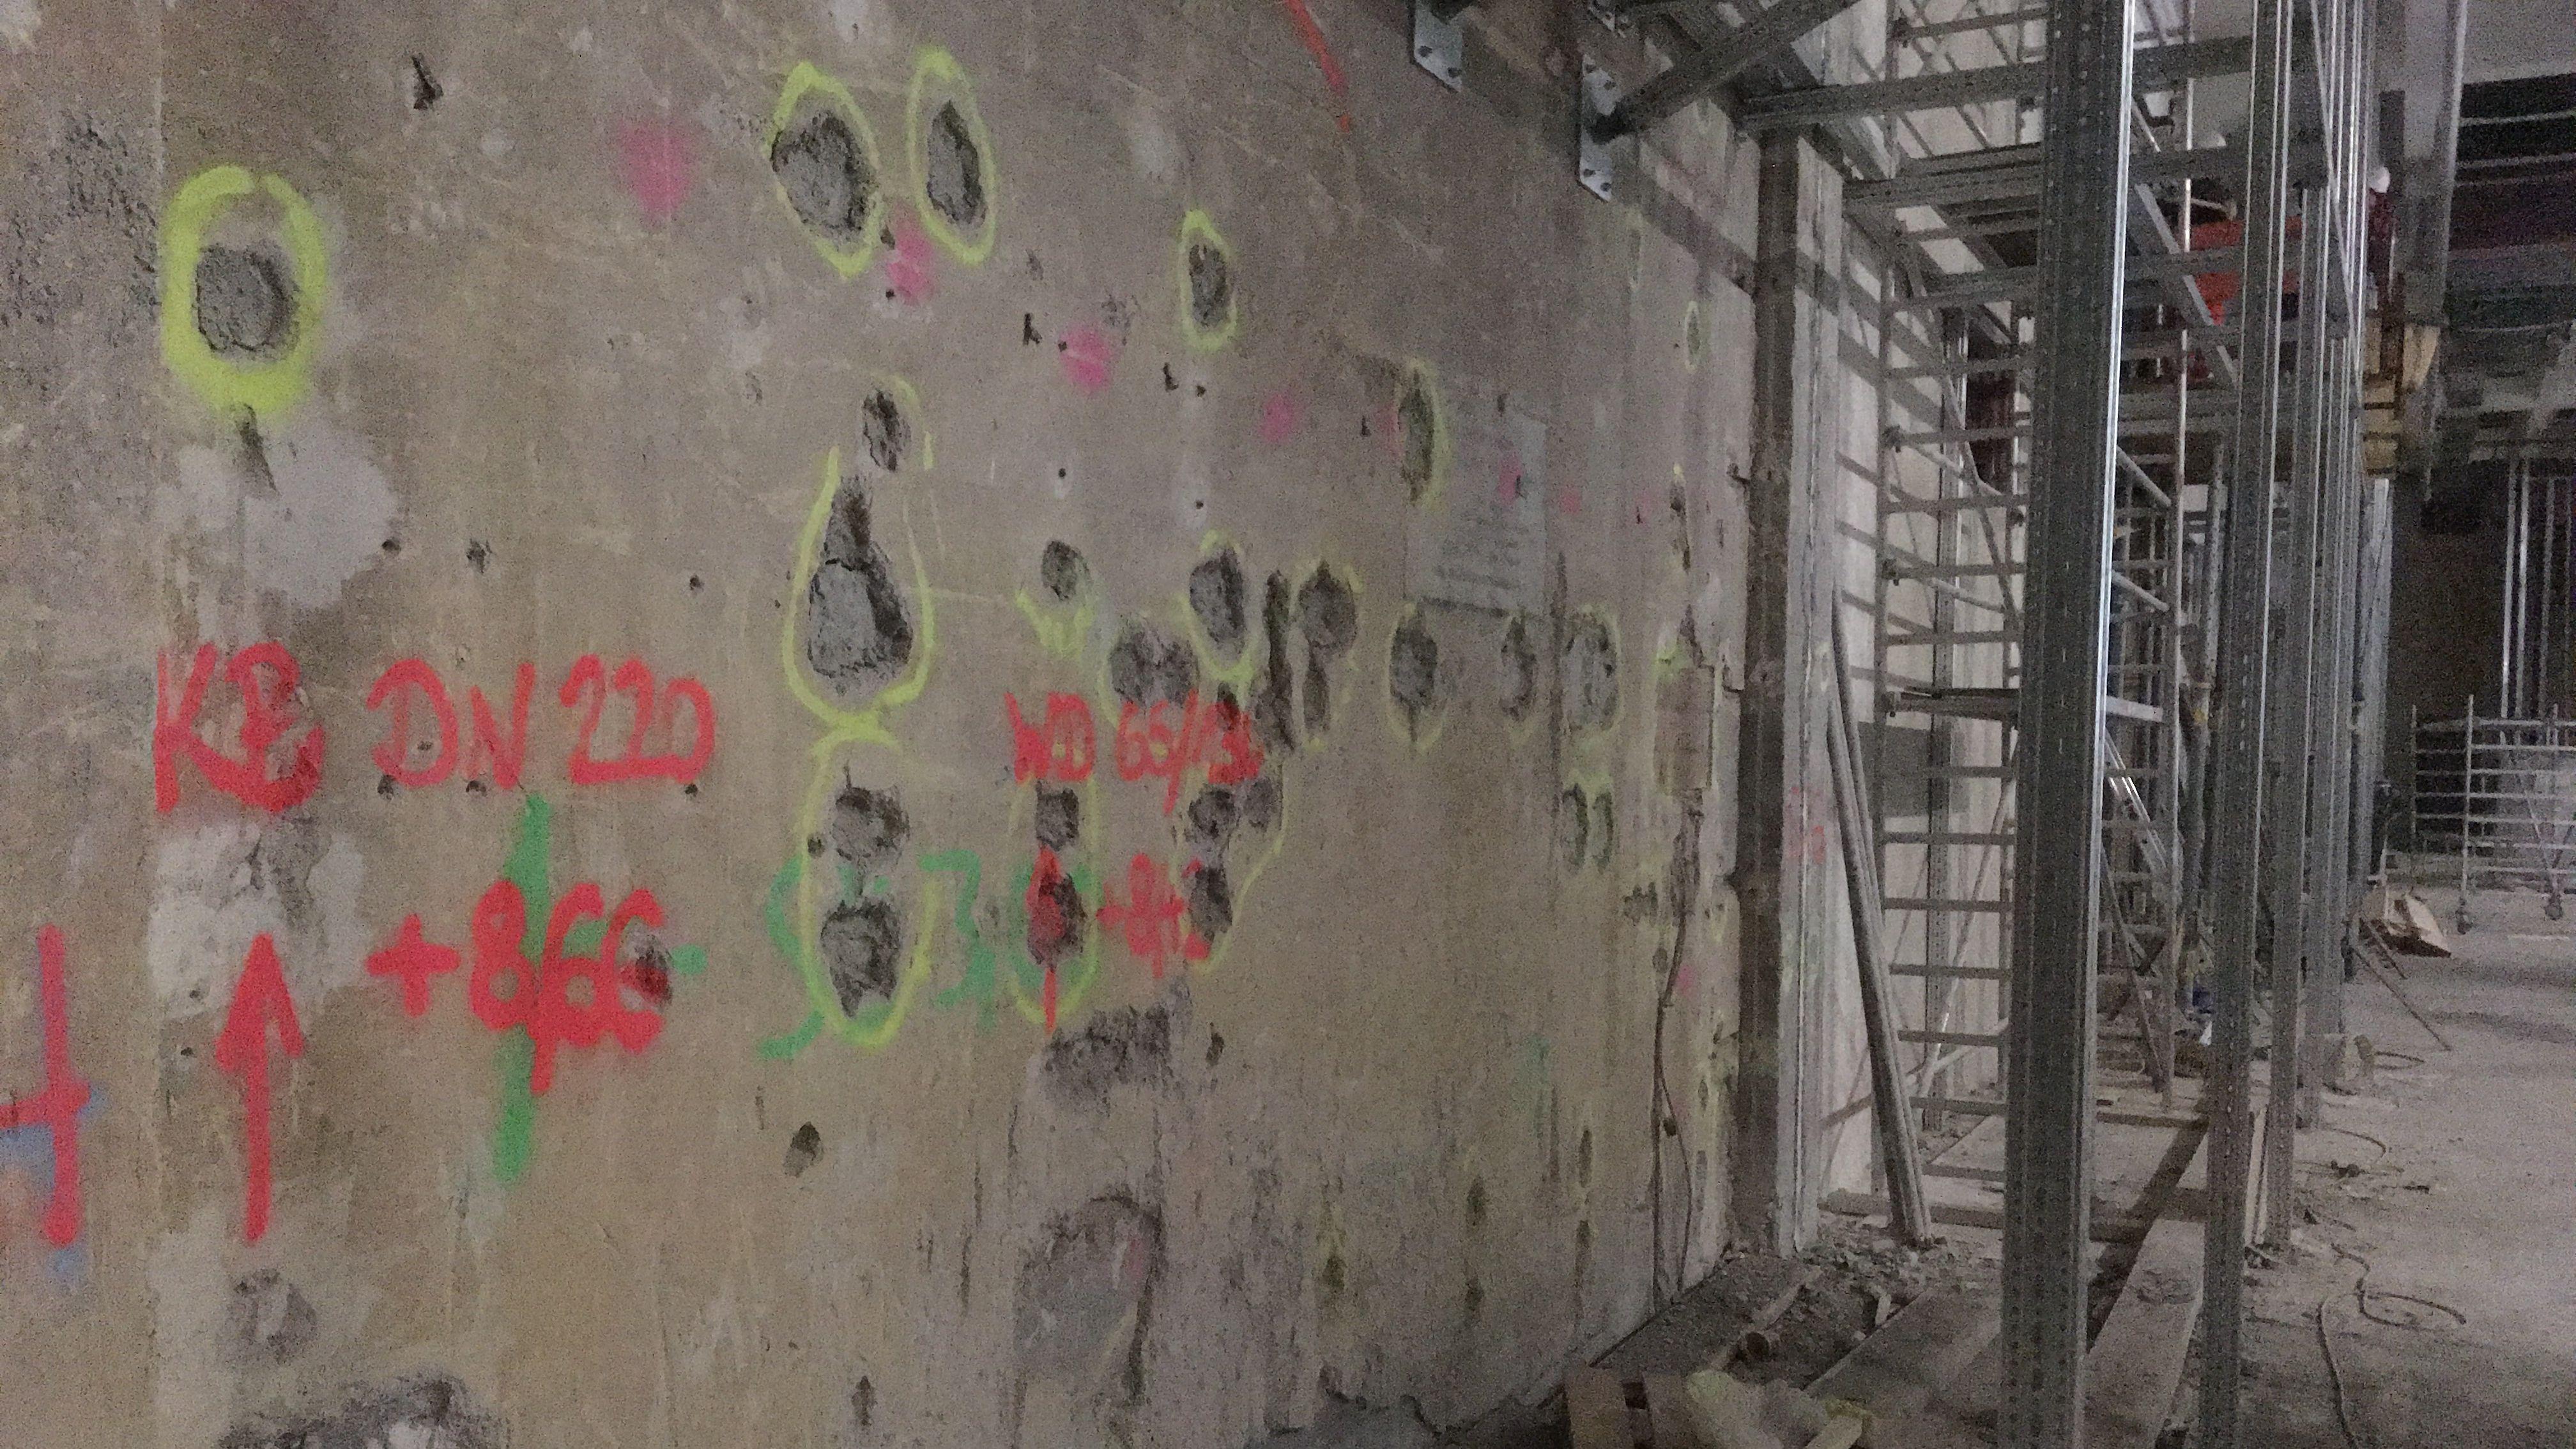 An zahlreichen Stellen hat sich nach Baubeginn gezeigt, dass der fast 100 Jahre alte Eisenbeton des Deutschen Museums marode ist. Ganze Wände und Decken mussten darum neu gegossen werden.